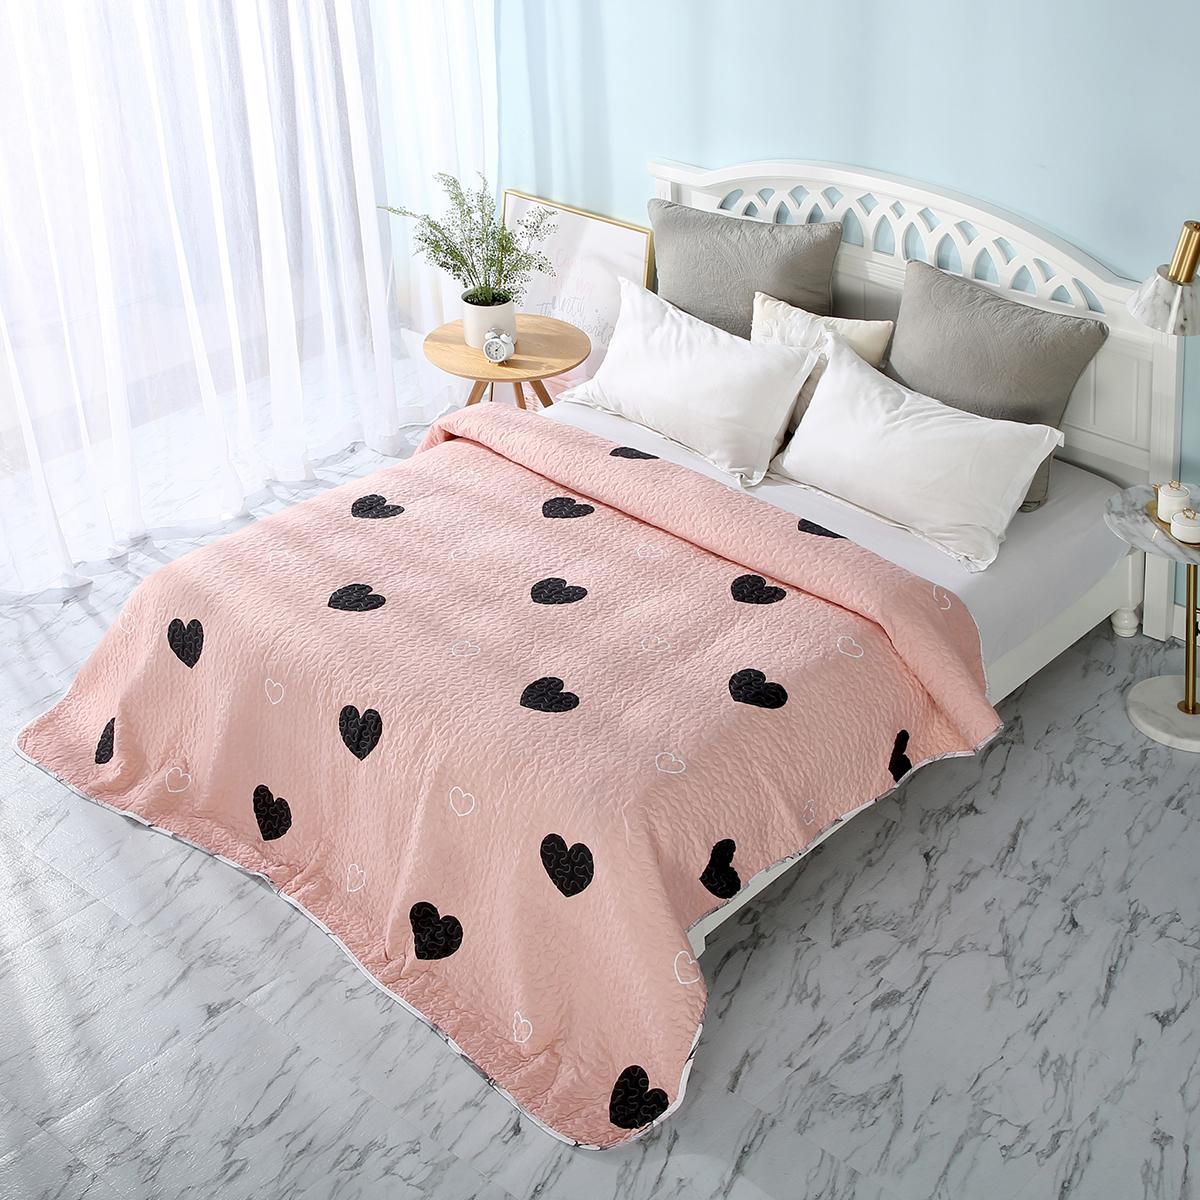 Розовое покрывало с сердечками (1,5 спальное)